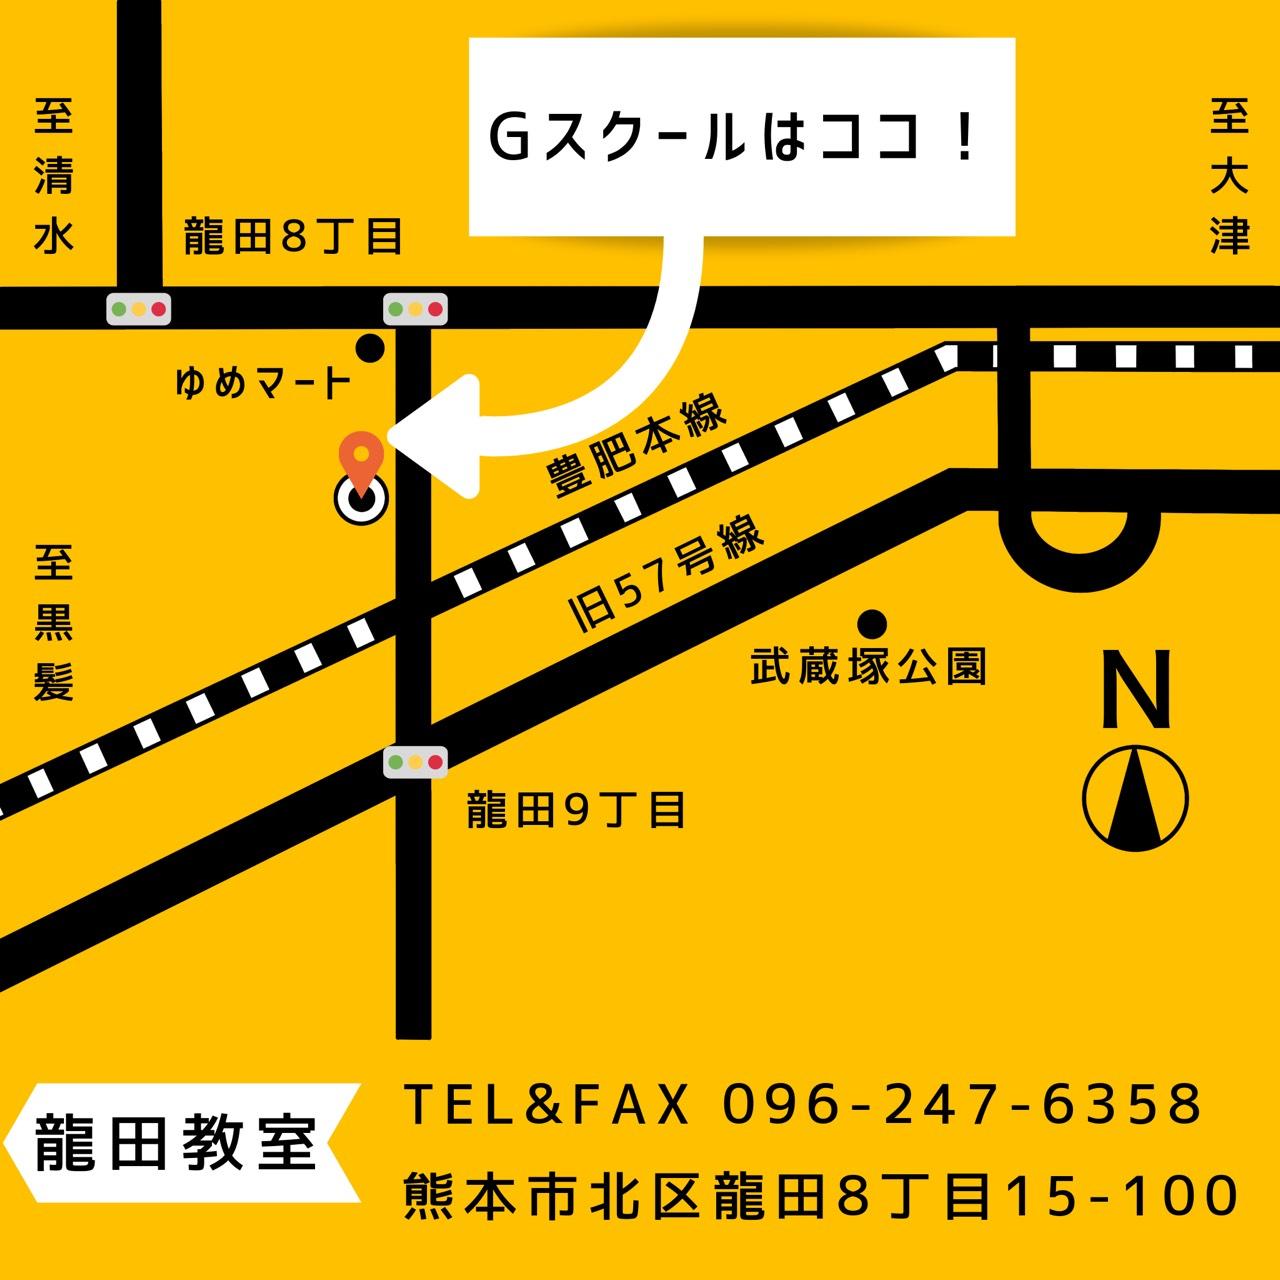 龍田の地図